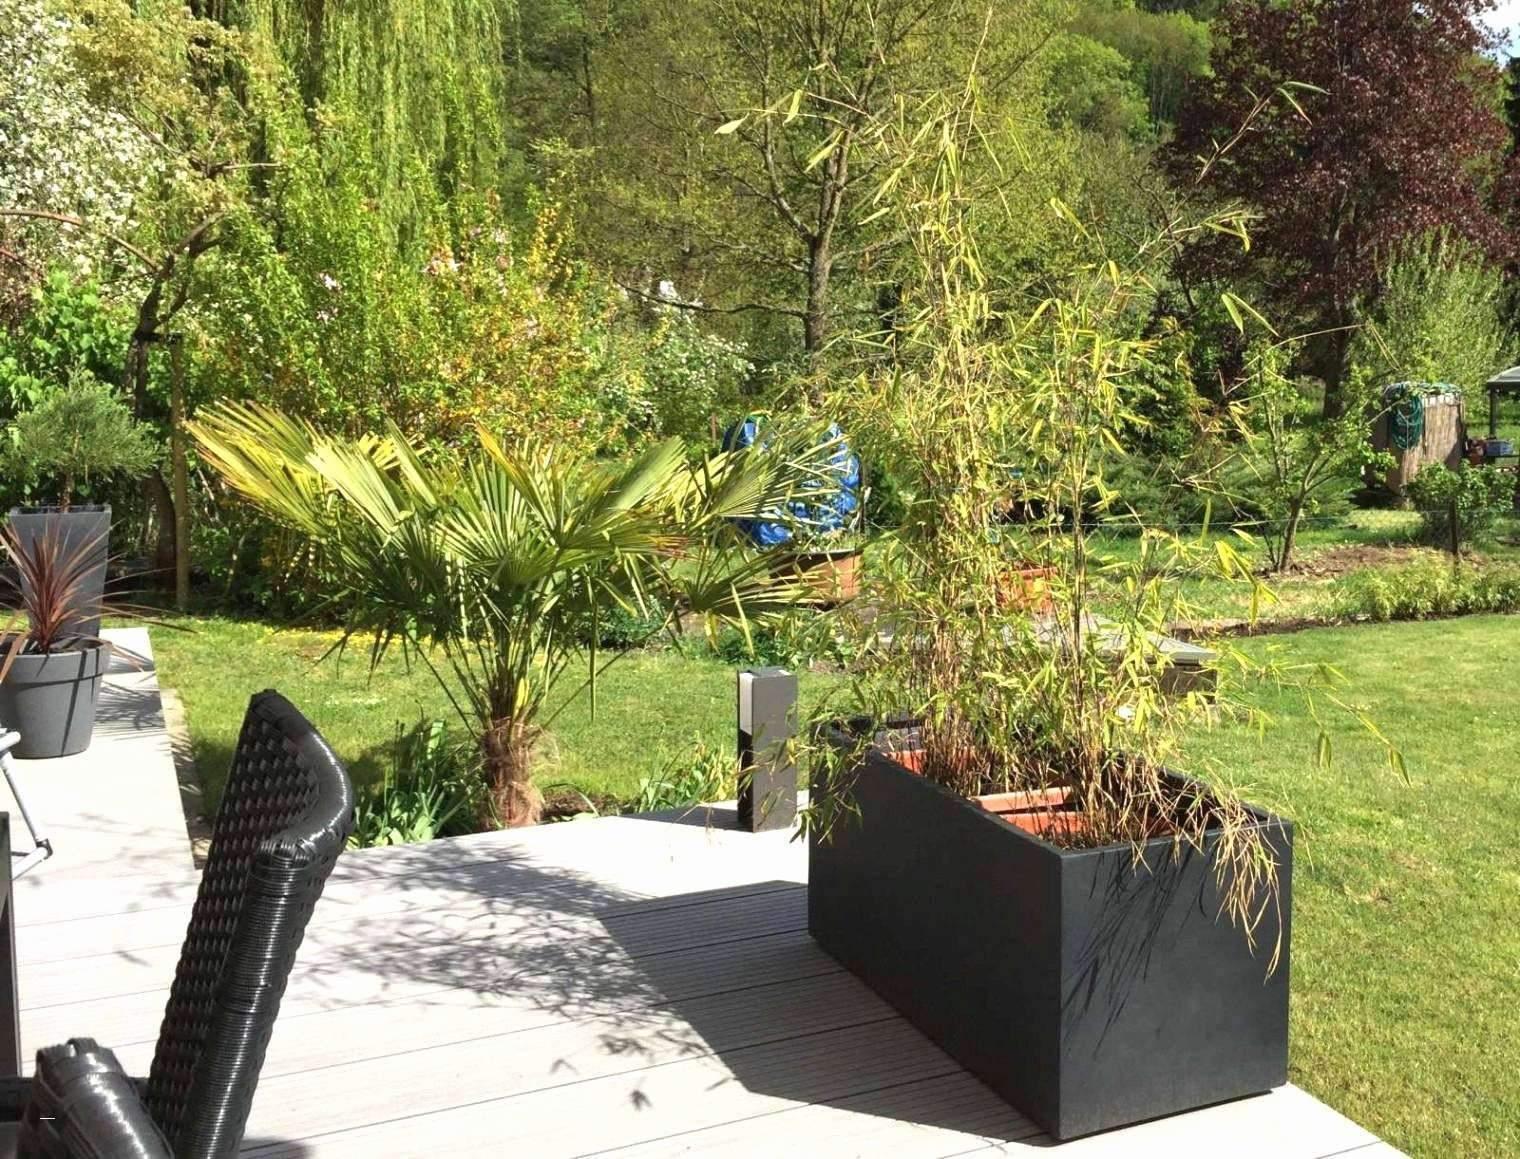 29 Schön Upcycling Ideen Garten Inspirierend